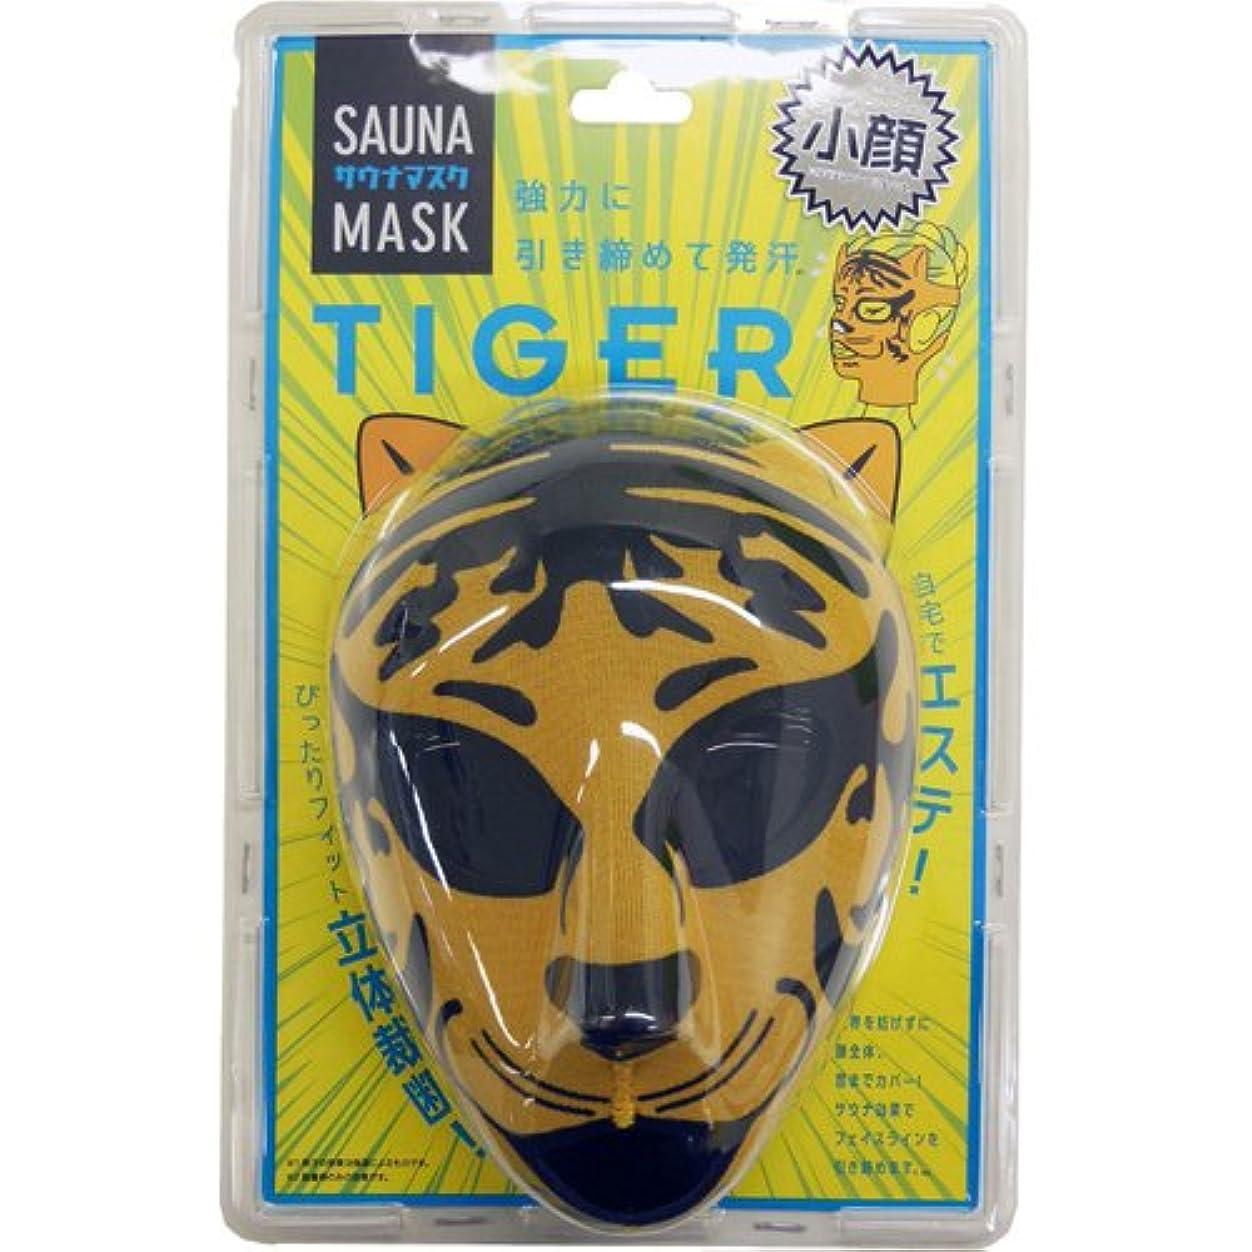 誇りあなたのもの世界の窓コジット サウナマスク TIGER (1個)